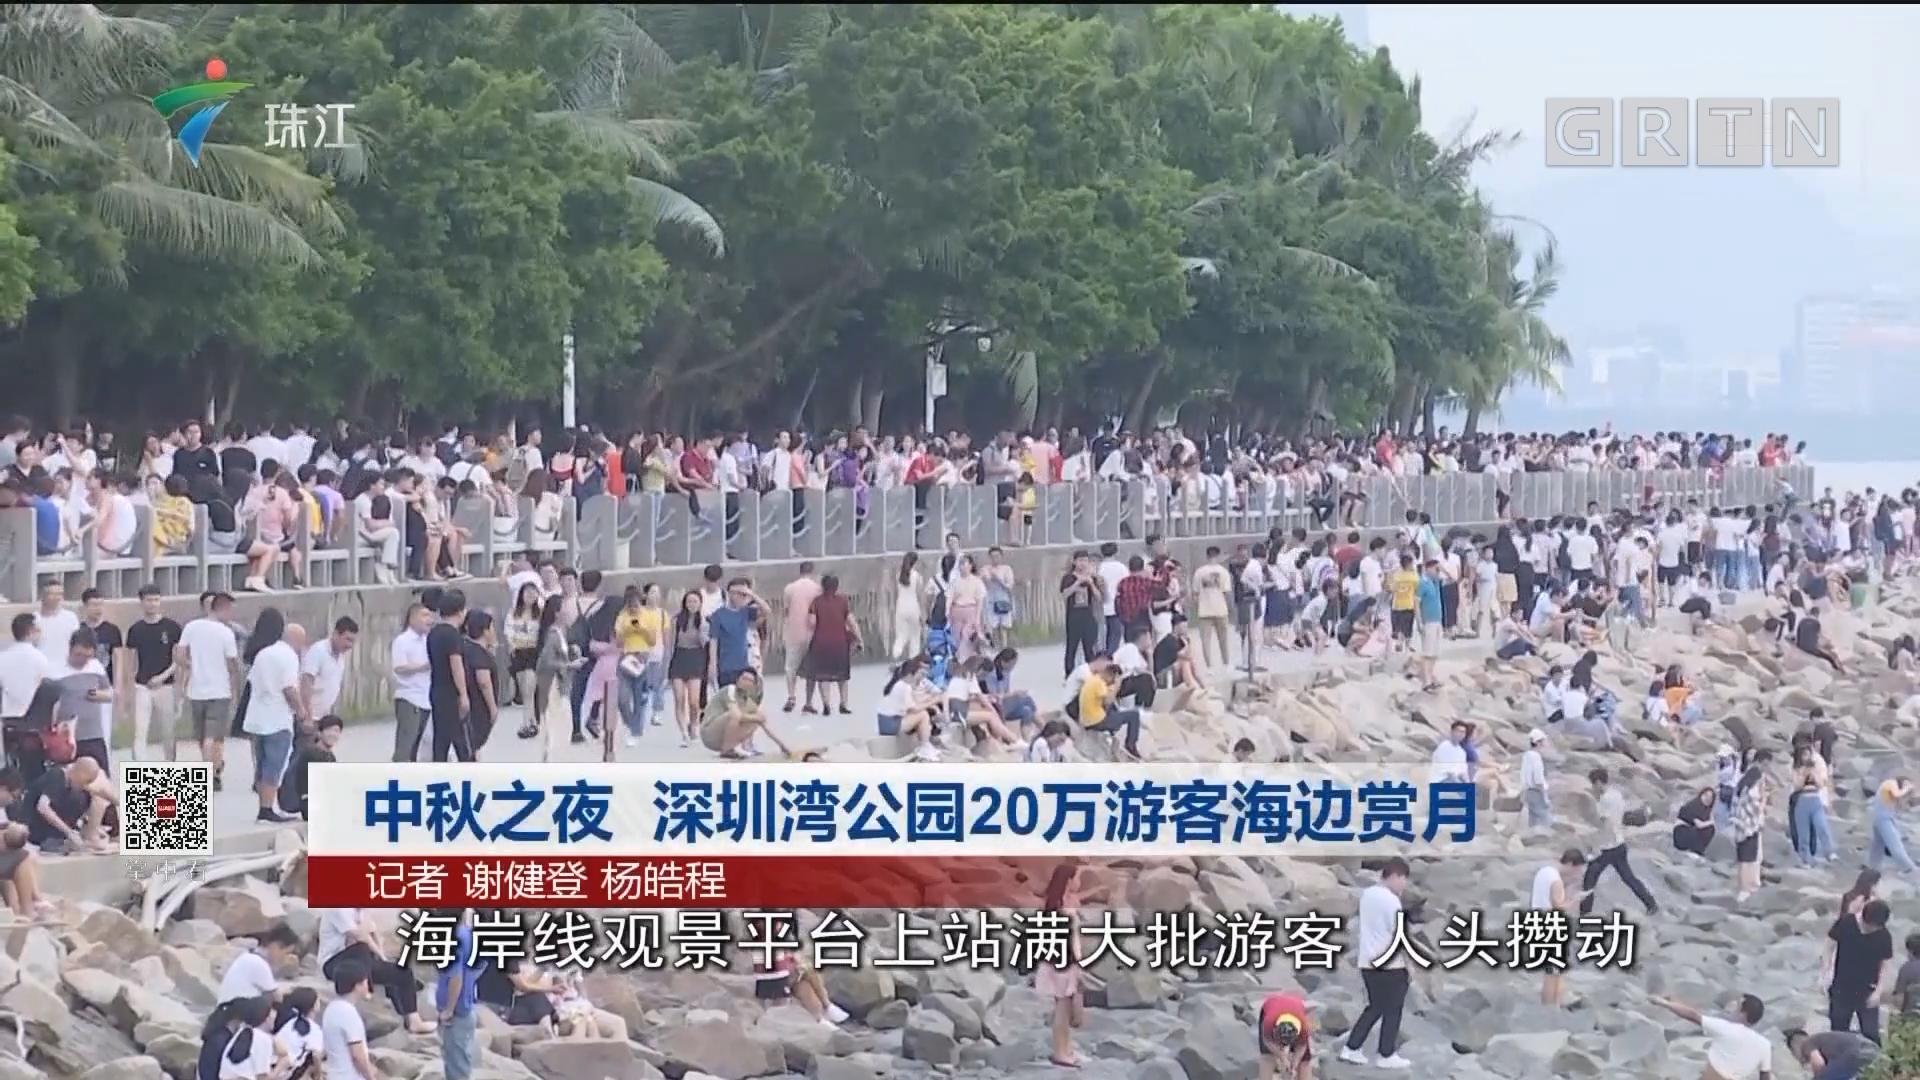 中秋之夜 深圳湾公园20万游客海边赏月